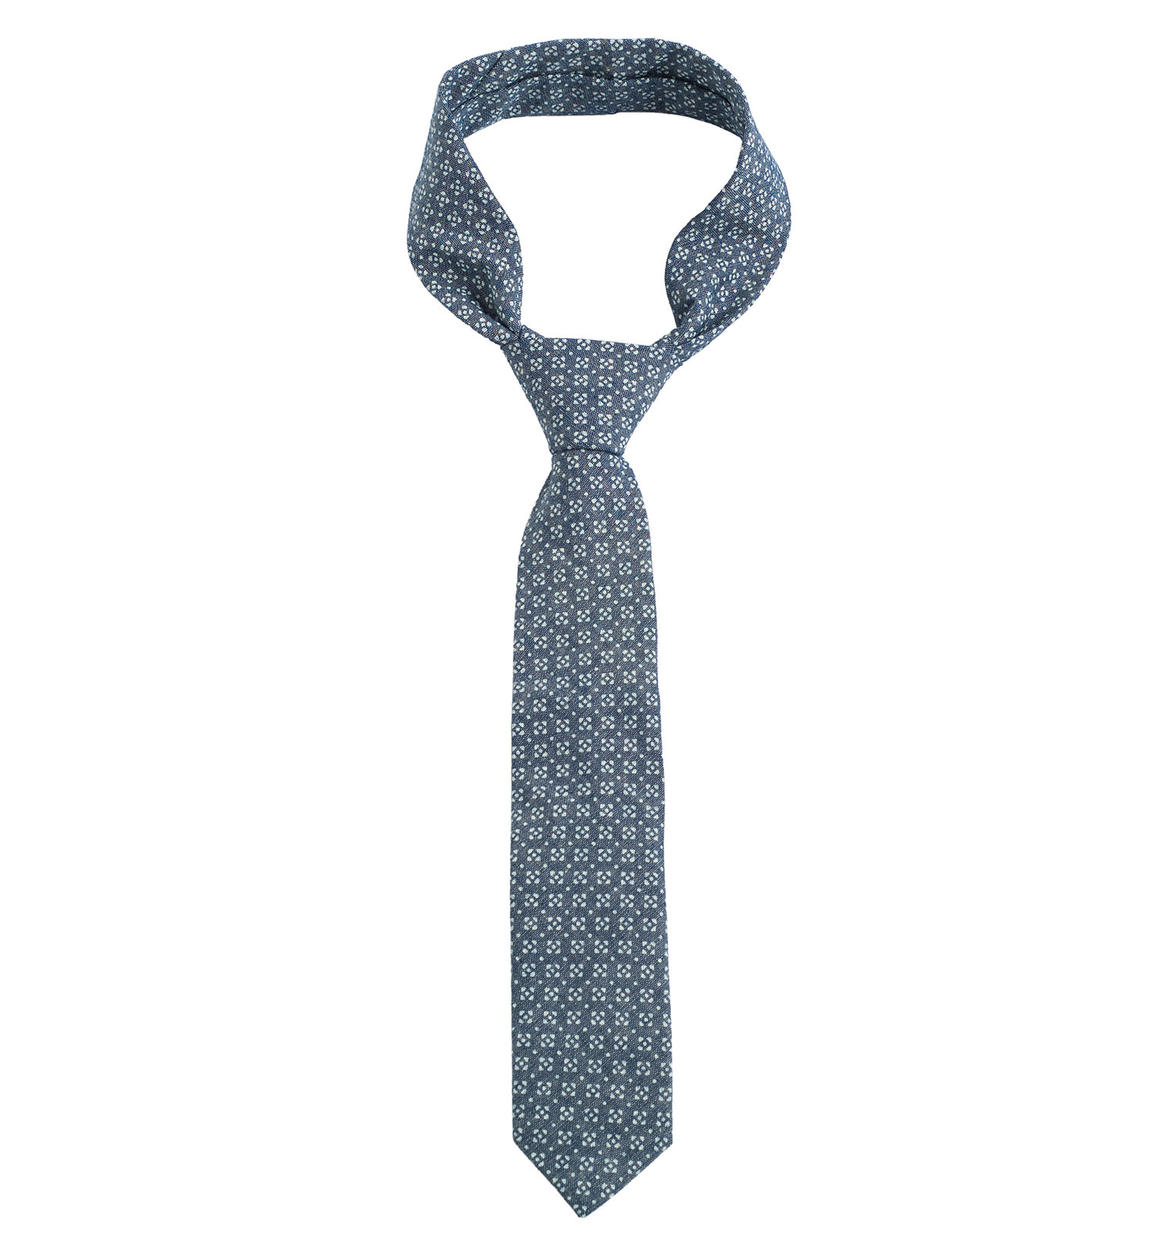 Cravatta classica per bambino da 3 a 16 anni iDO - Miniconf Shop 79106e5b9015